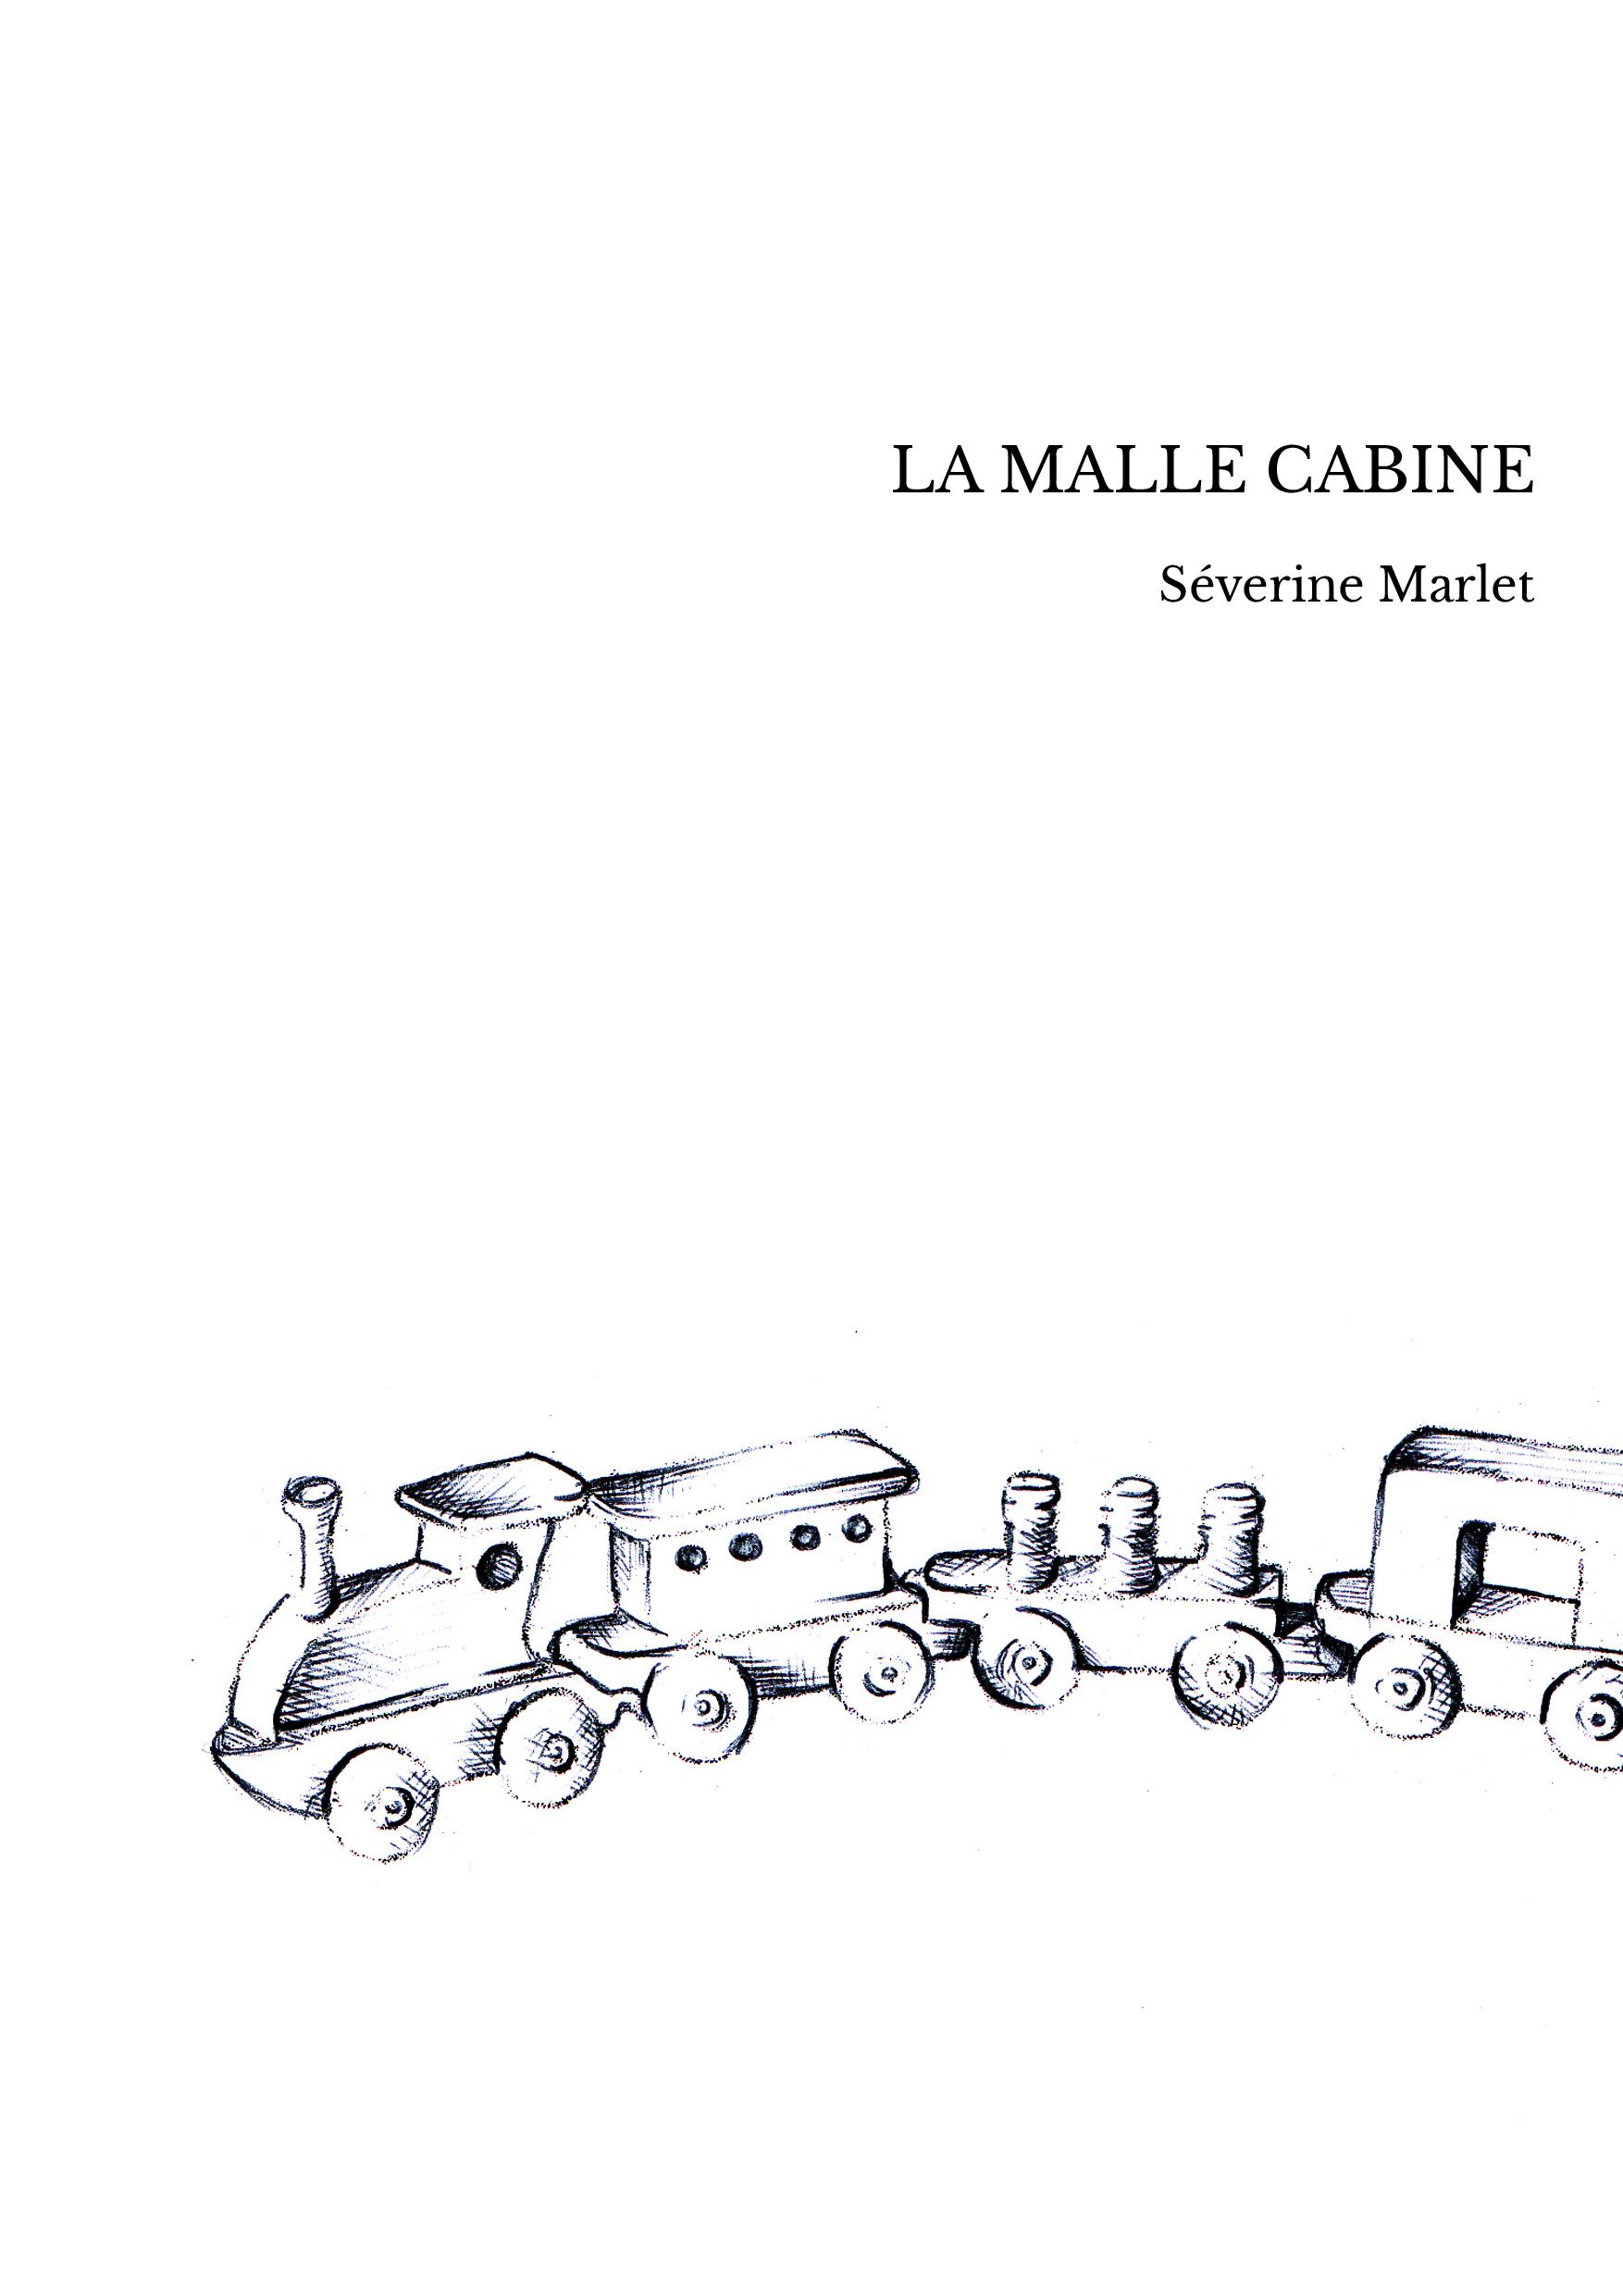 LA MALLE CABINE